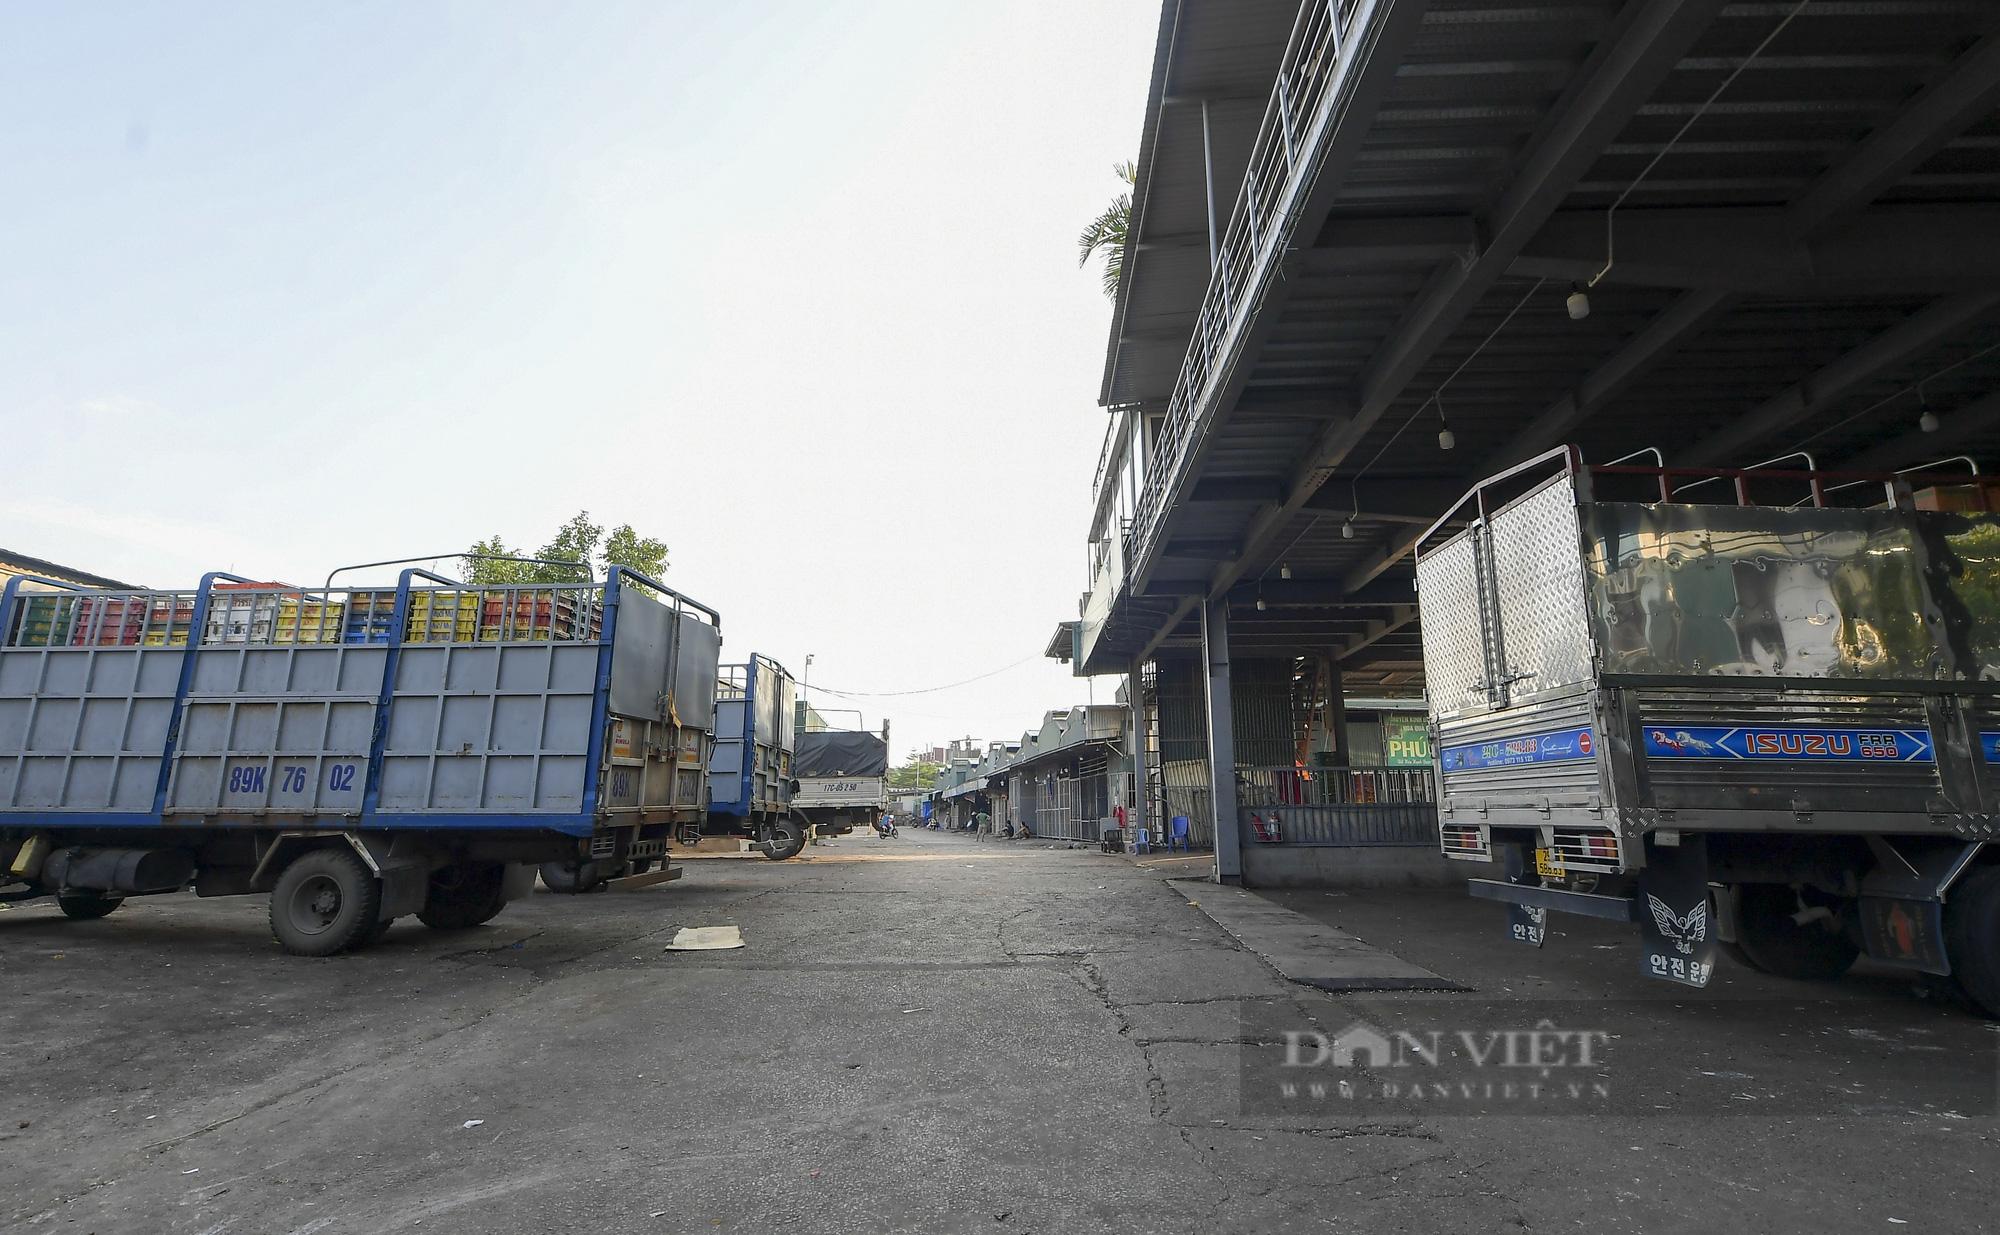 Hà Nội: Phong toả toàn bộ chợ Long Biên do liên quan tới ca dương tính SARS-CoV-2 - Ảnh 8.